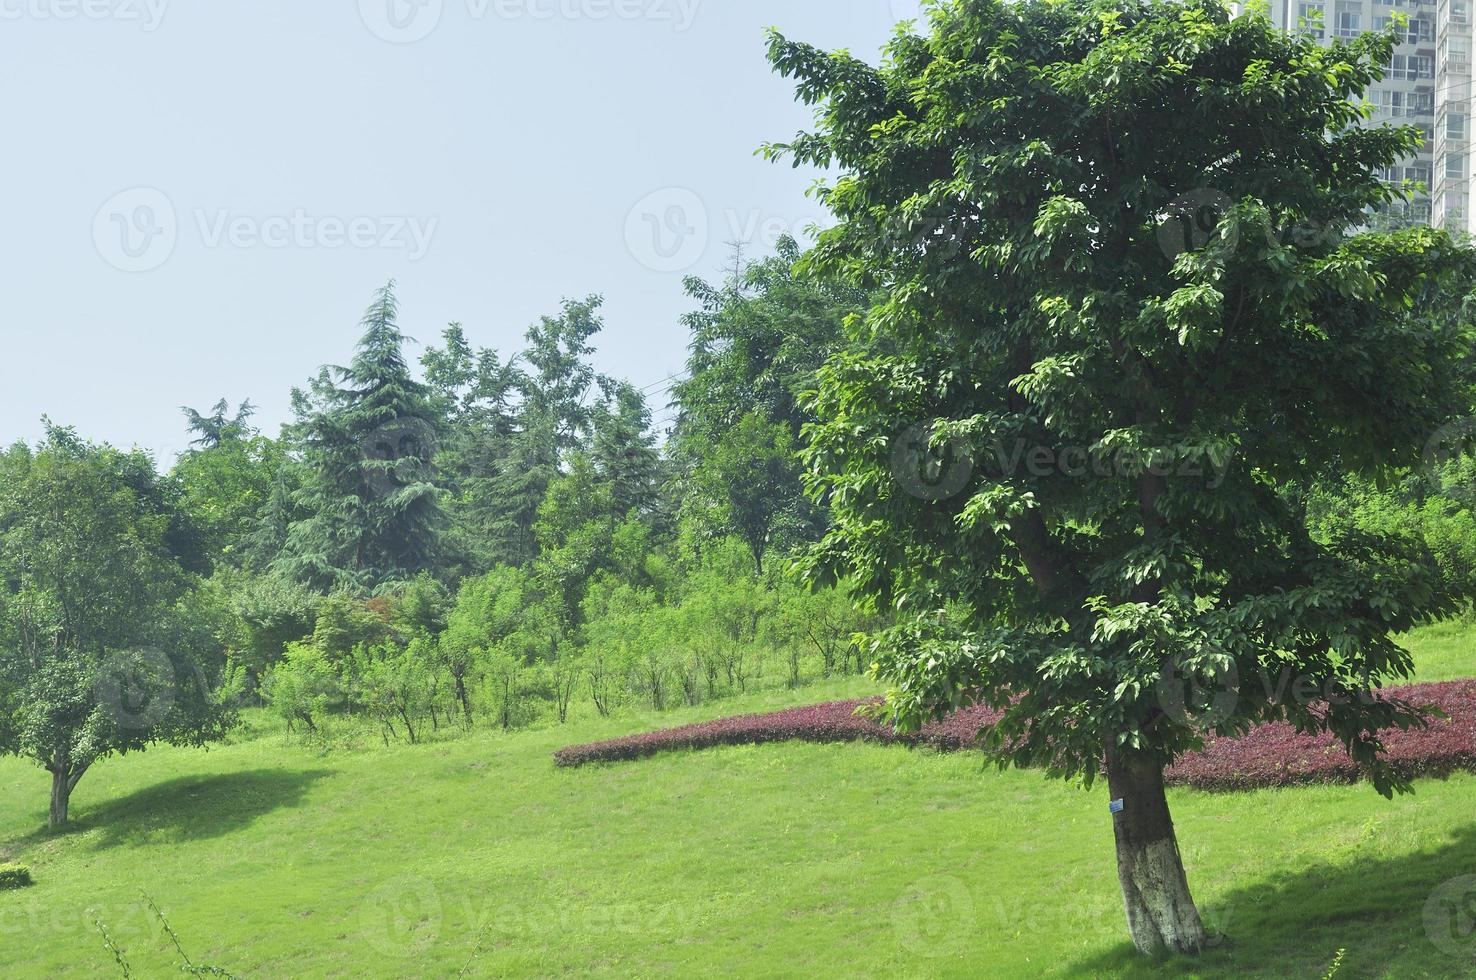 peaceful garden photo